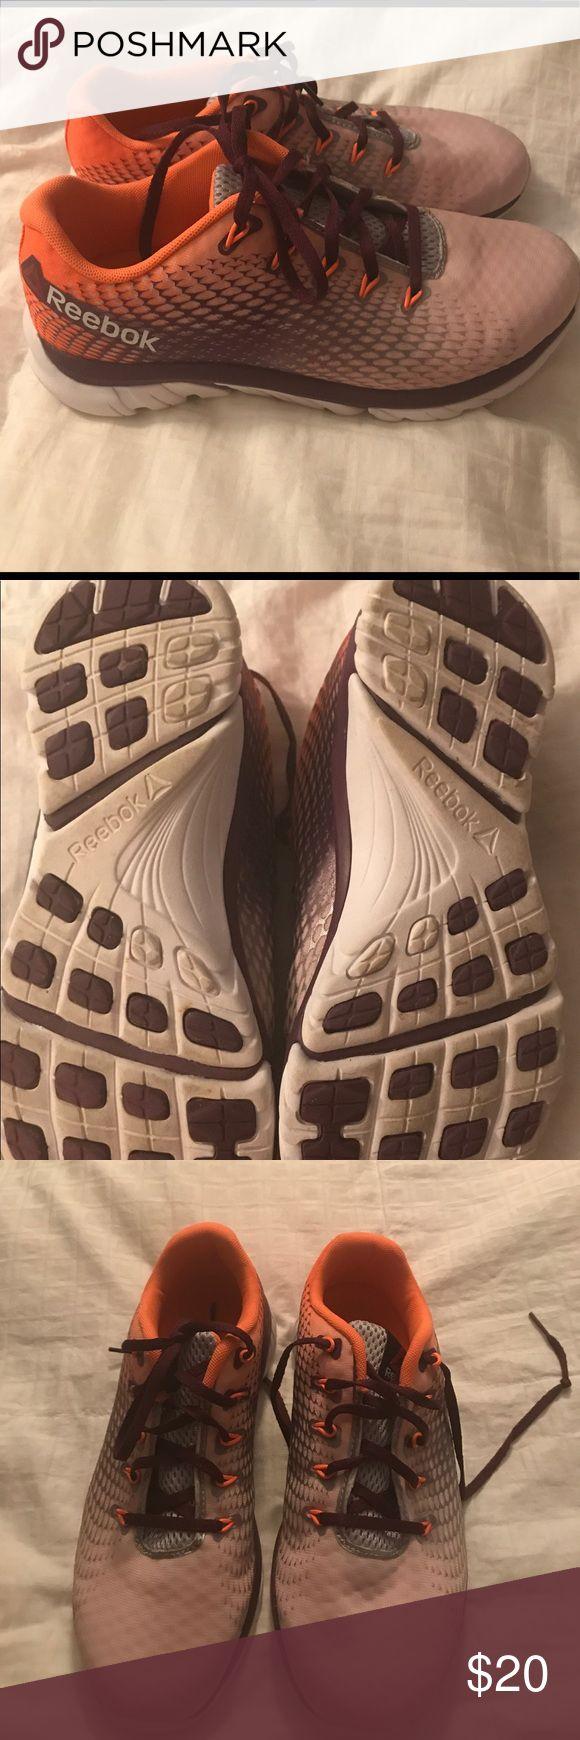 Women's Reebok crossfit shoes. Size 7 Women's Reebok crossfit shoes. Size 7. EUC. Only worn a few times. Reebok Shoes Sneakers